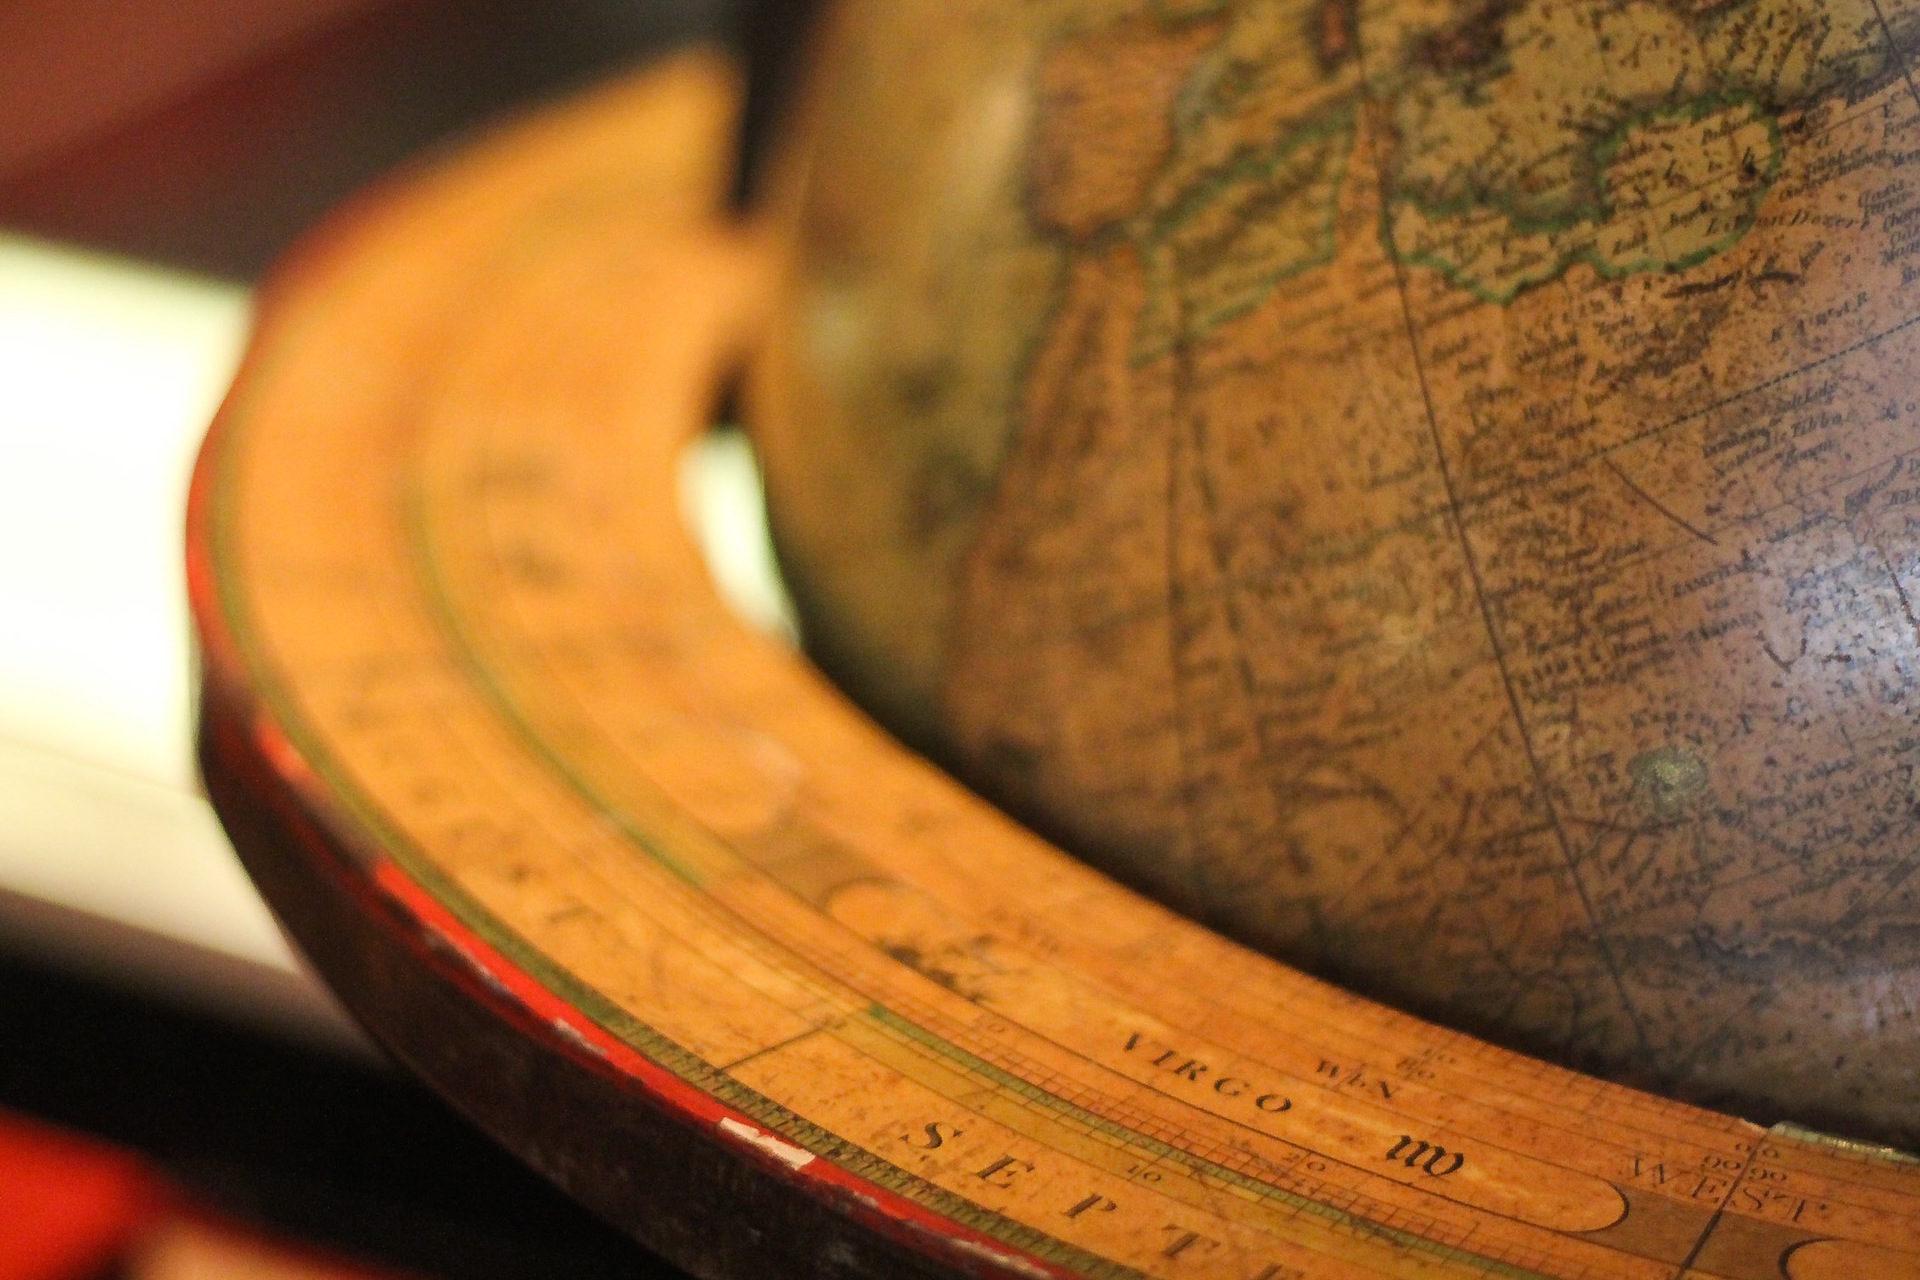 μπάλα, Κόσμο, σφαίρα, Χάρτης, Mundi - Wallpapers HD - Professor-falken.com